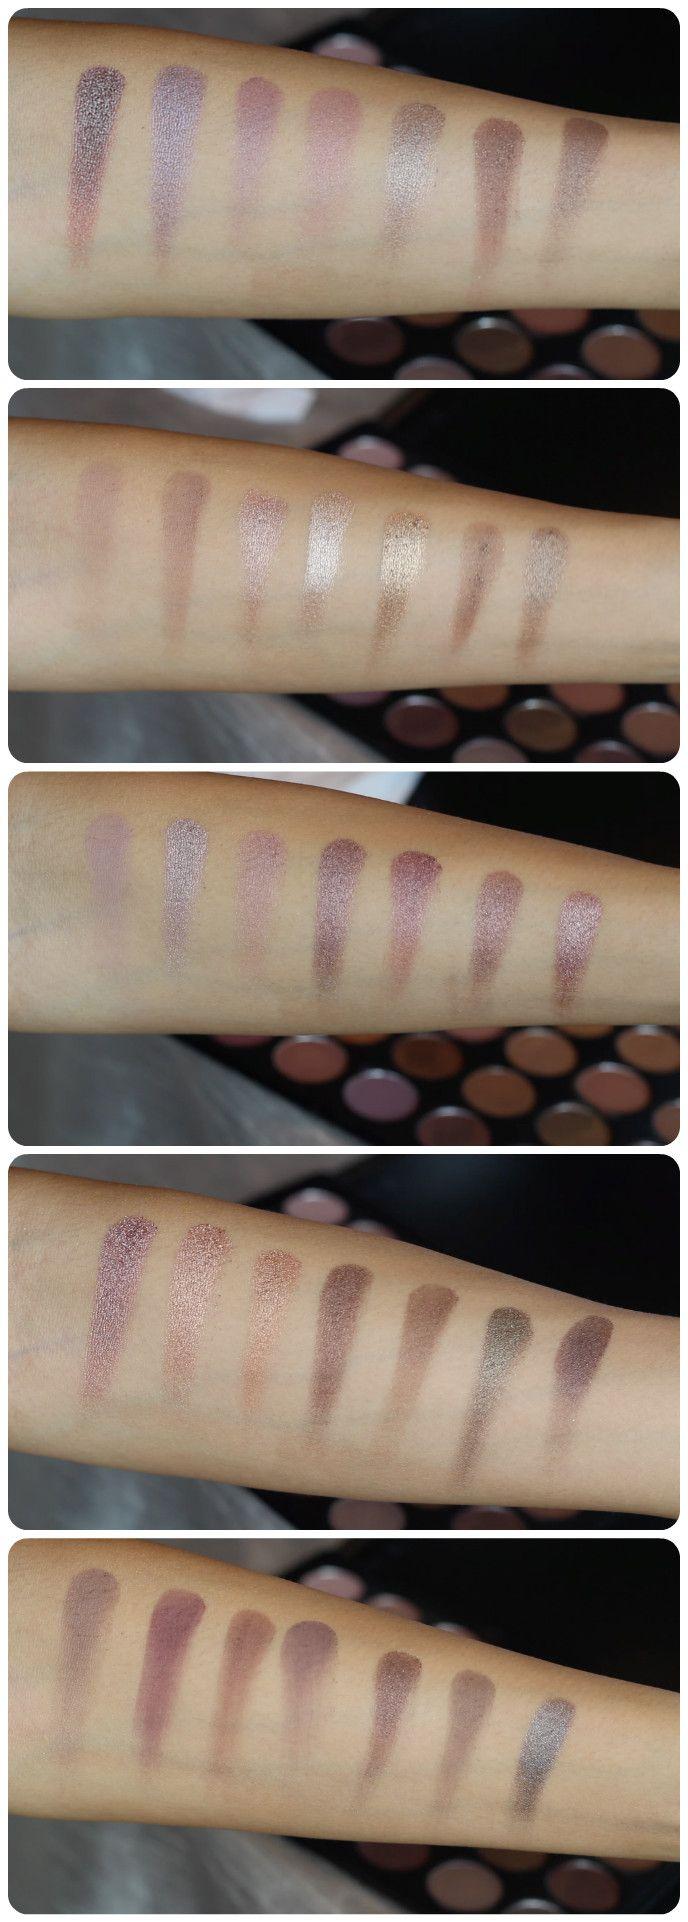 Morphe 35k eyeshadow palette review beauty in bold - Review Swatches Morphe Brushes 35t Eyeshadow Palette